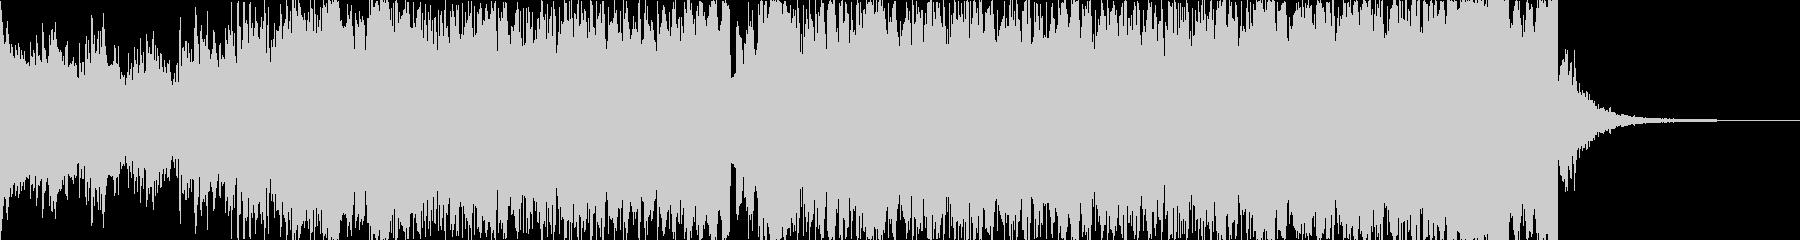 【1分版】パワフルで高揚感ピアノEDMの未再生の波形